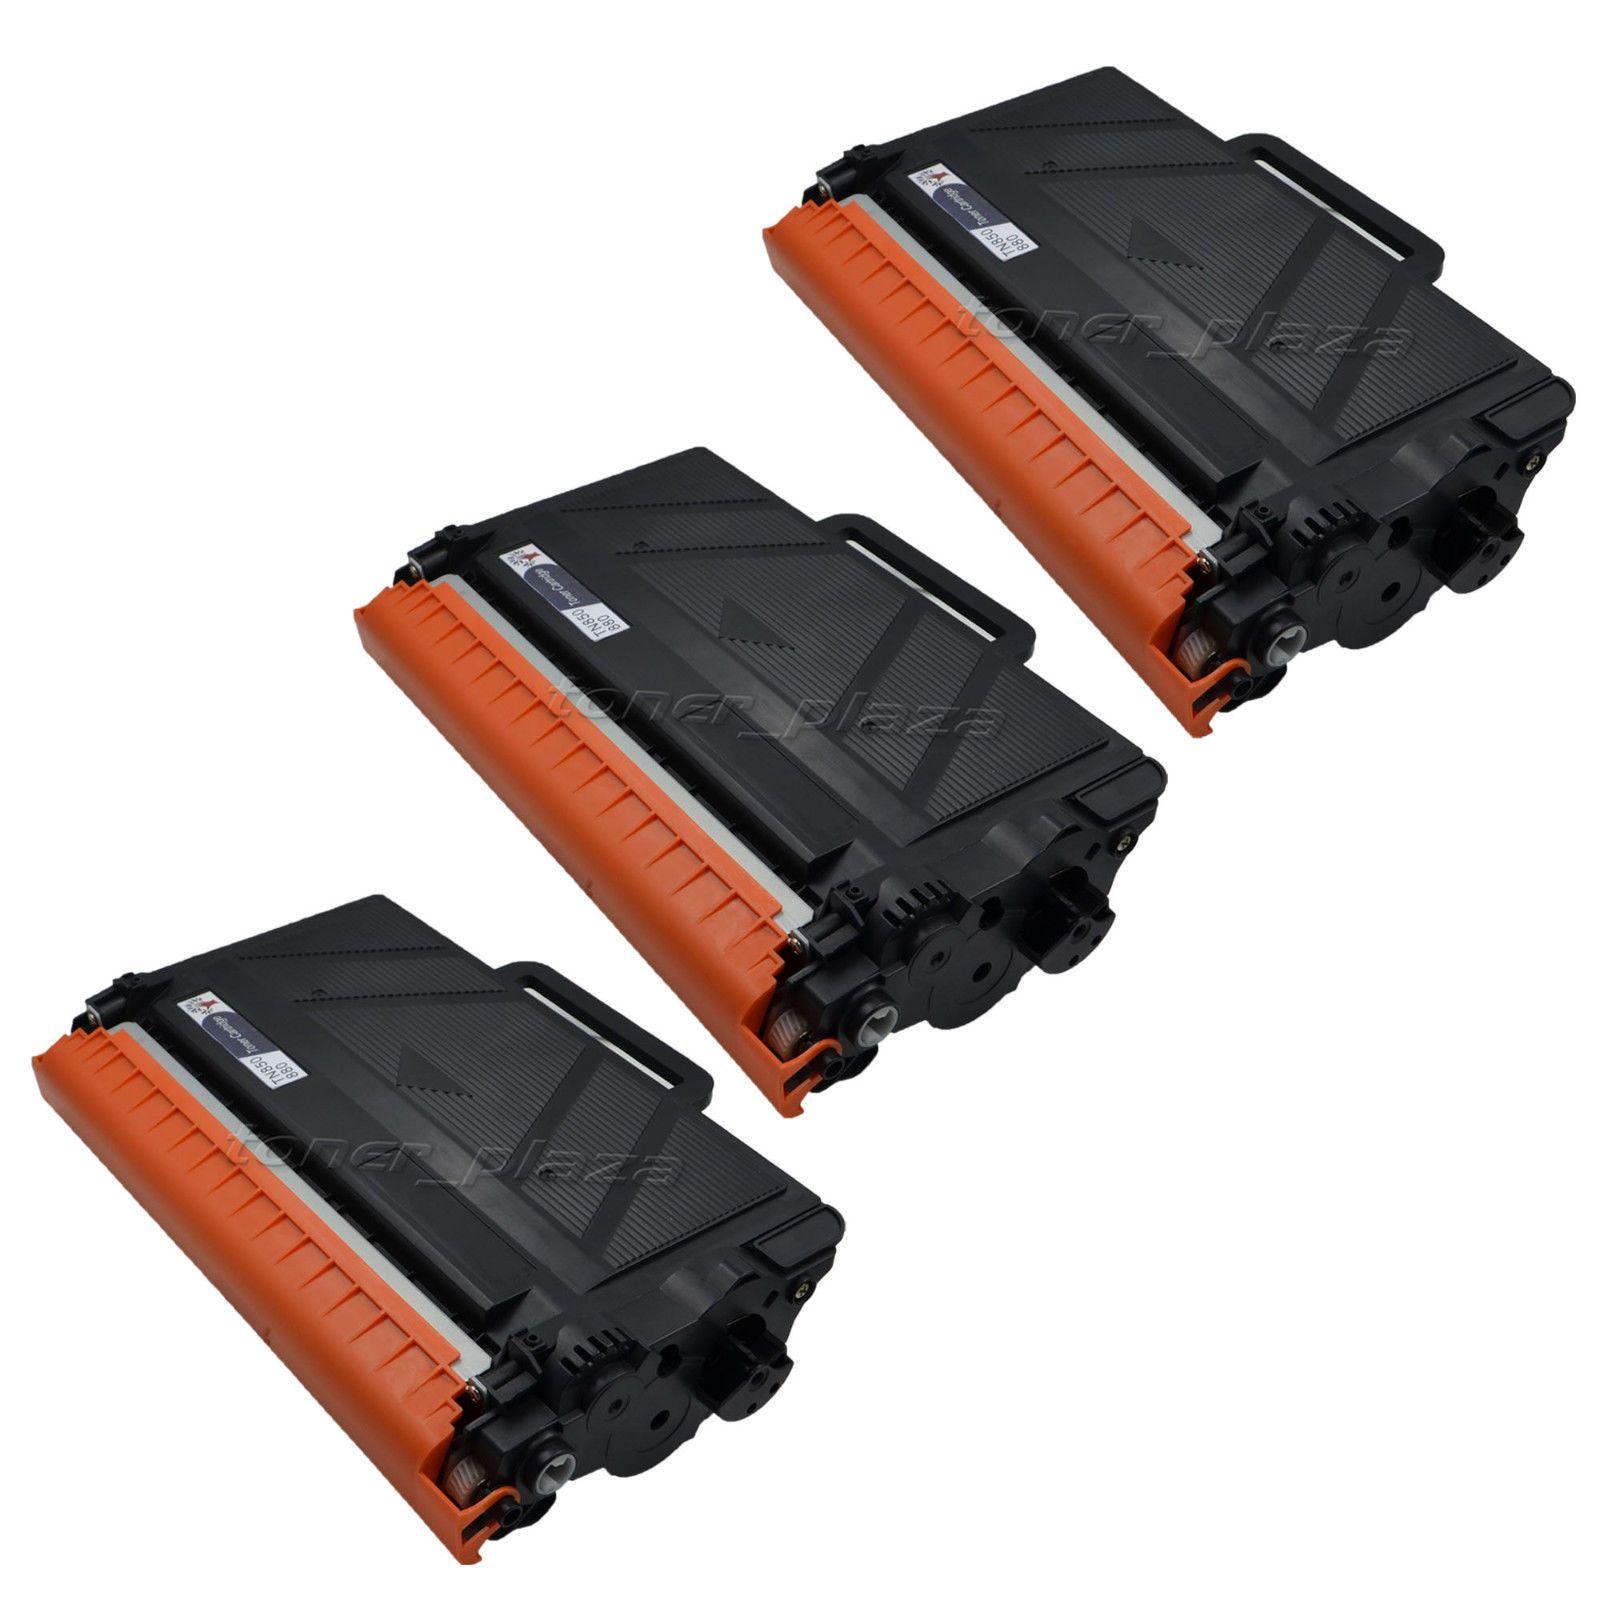 3pk TN850 Toner Cartridge For Brother 850 HL-L6200DW L6300DW MFC-L6900DW Printer